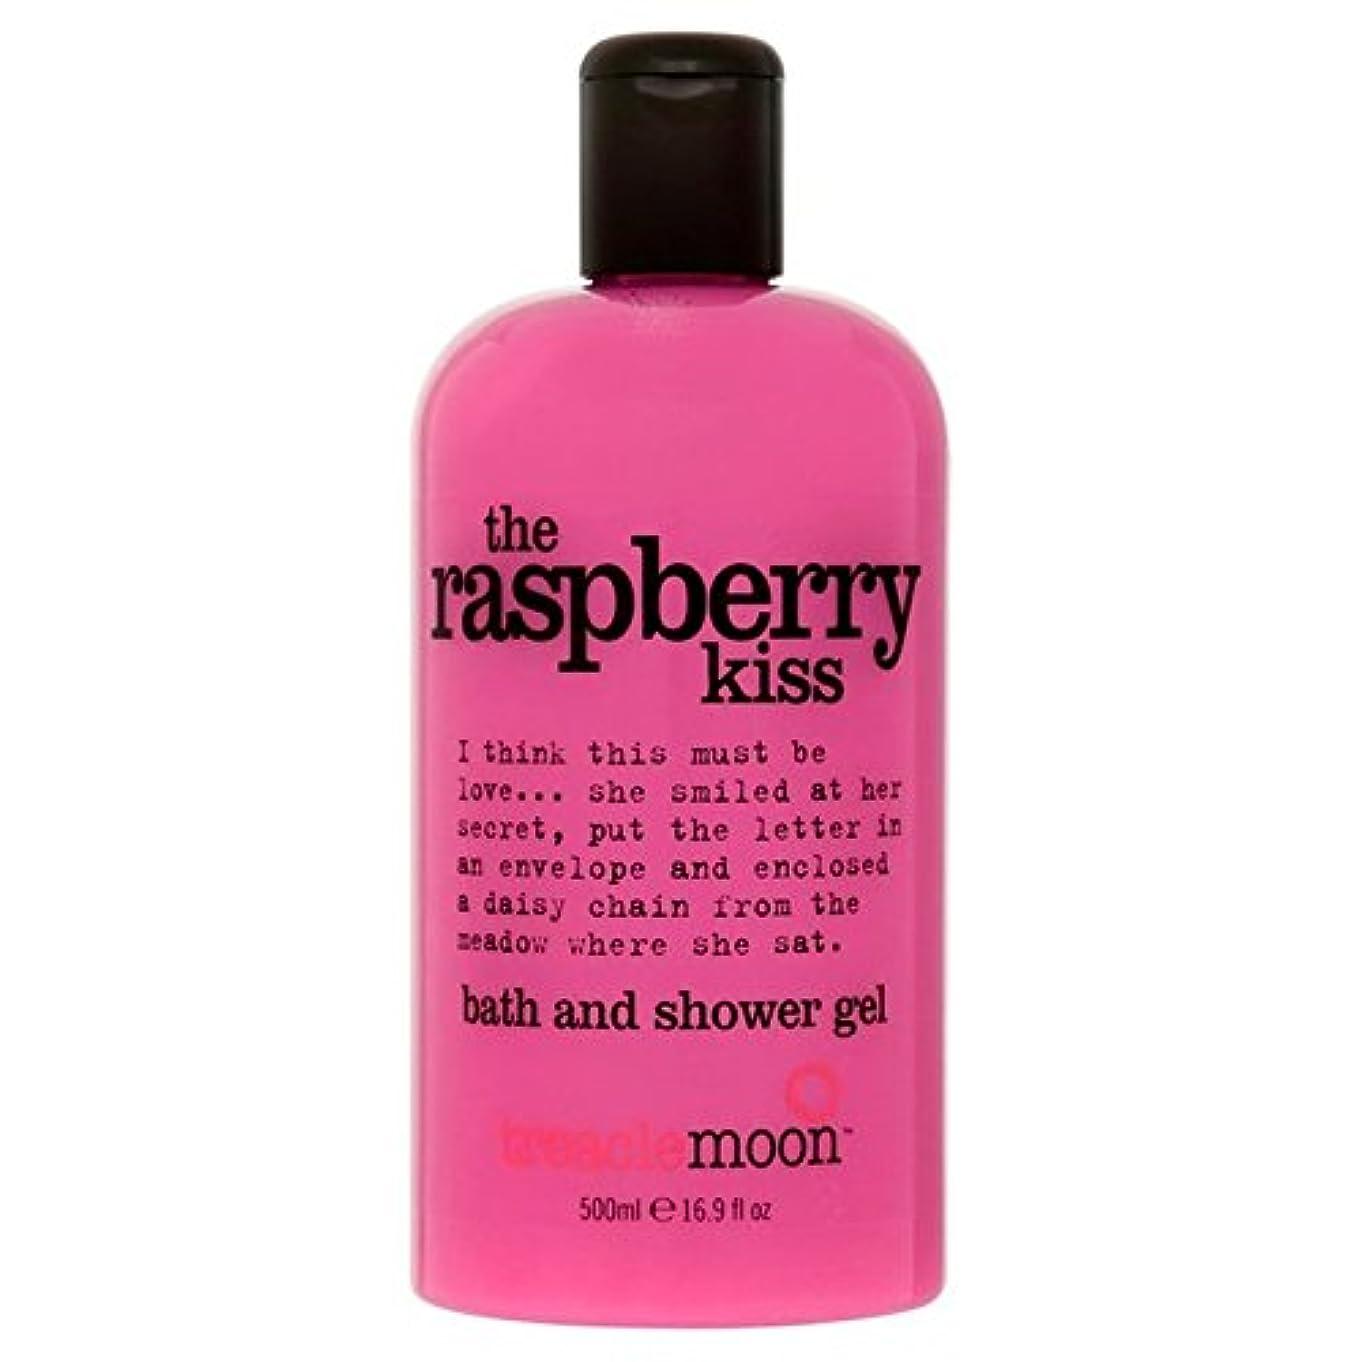 賭けびん枠Treacle Moon Raspberry Bath & Shower Gel 500ml - 糖蜜ムーンラズベリーバス&シャワージェル500ミリリットル [並行輸入品]